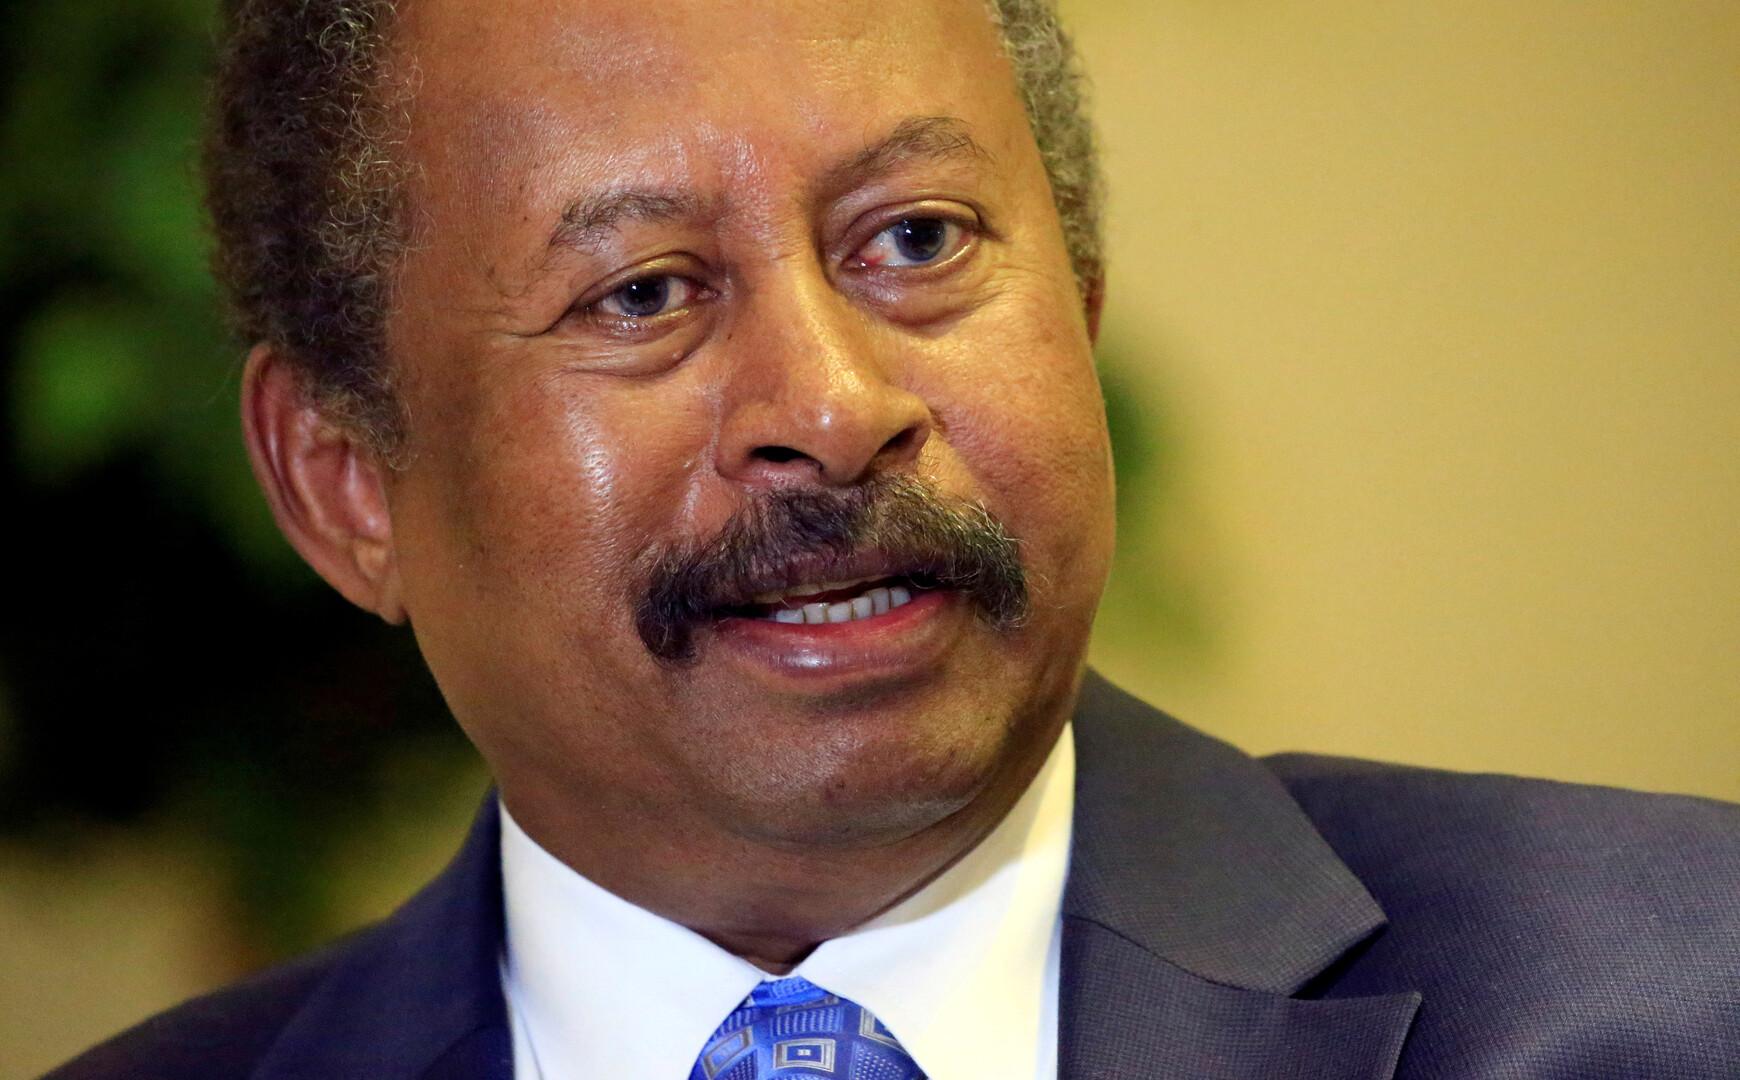 عبد الله حمدوك رئيس الحكومة السودانية